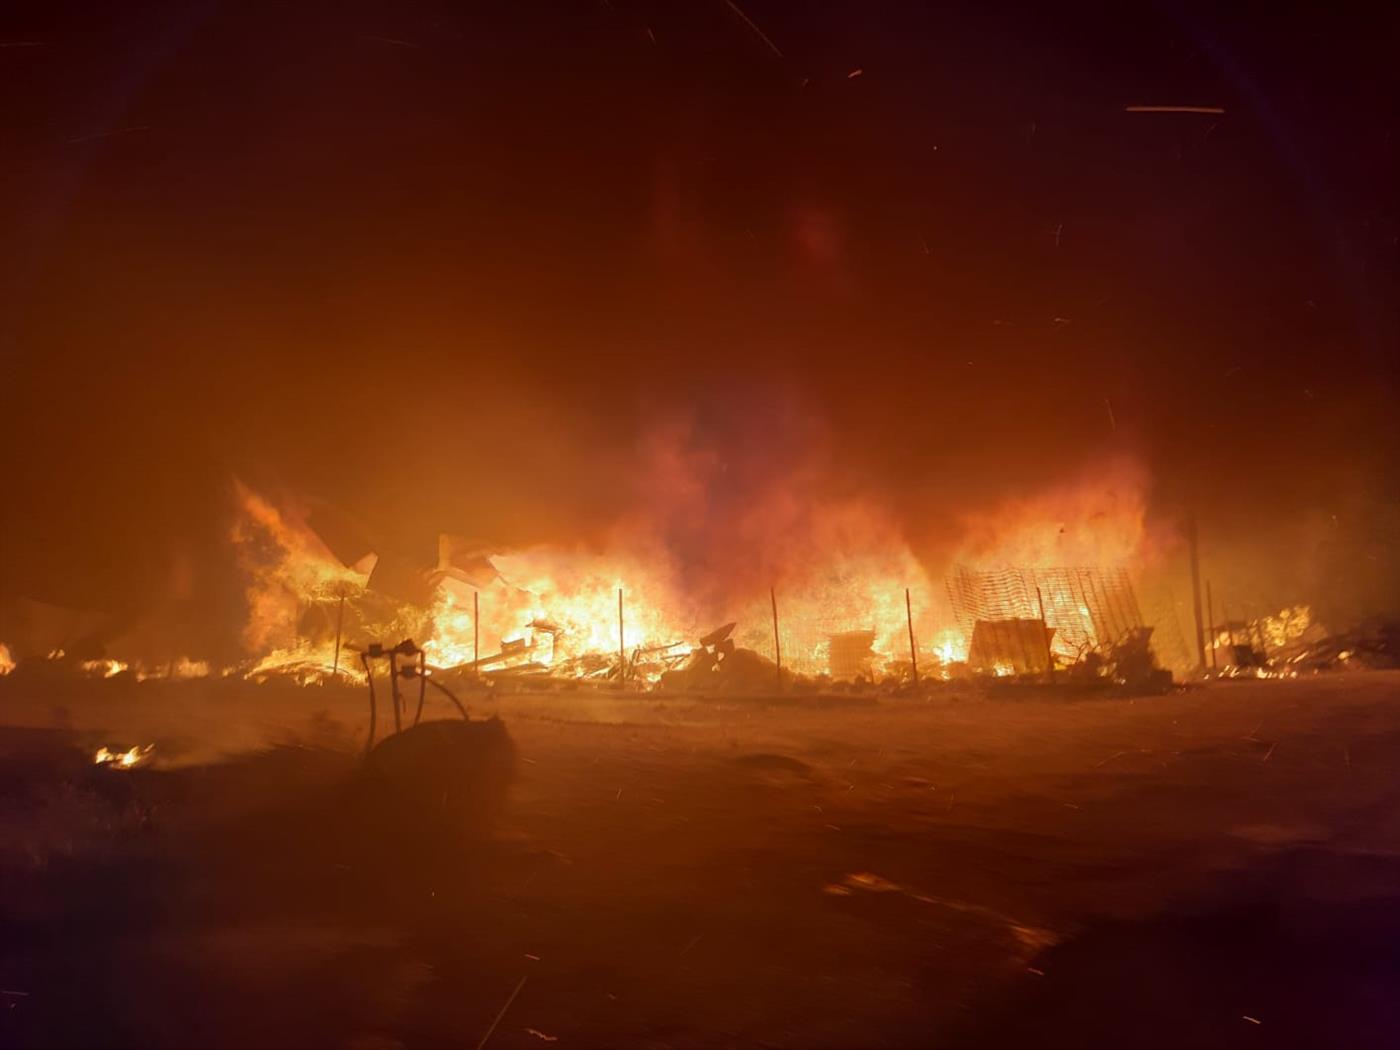 האש מכלה את ביתו של שמואל צייגר